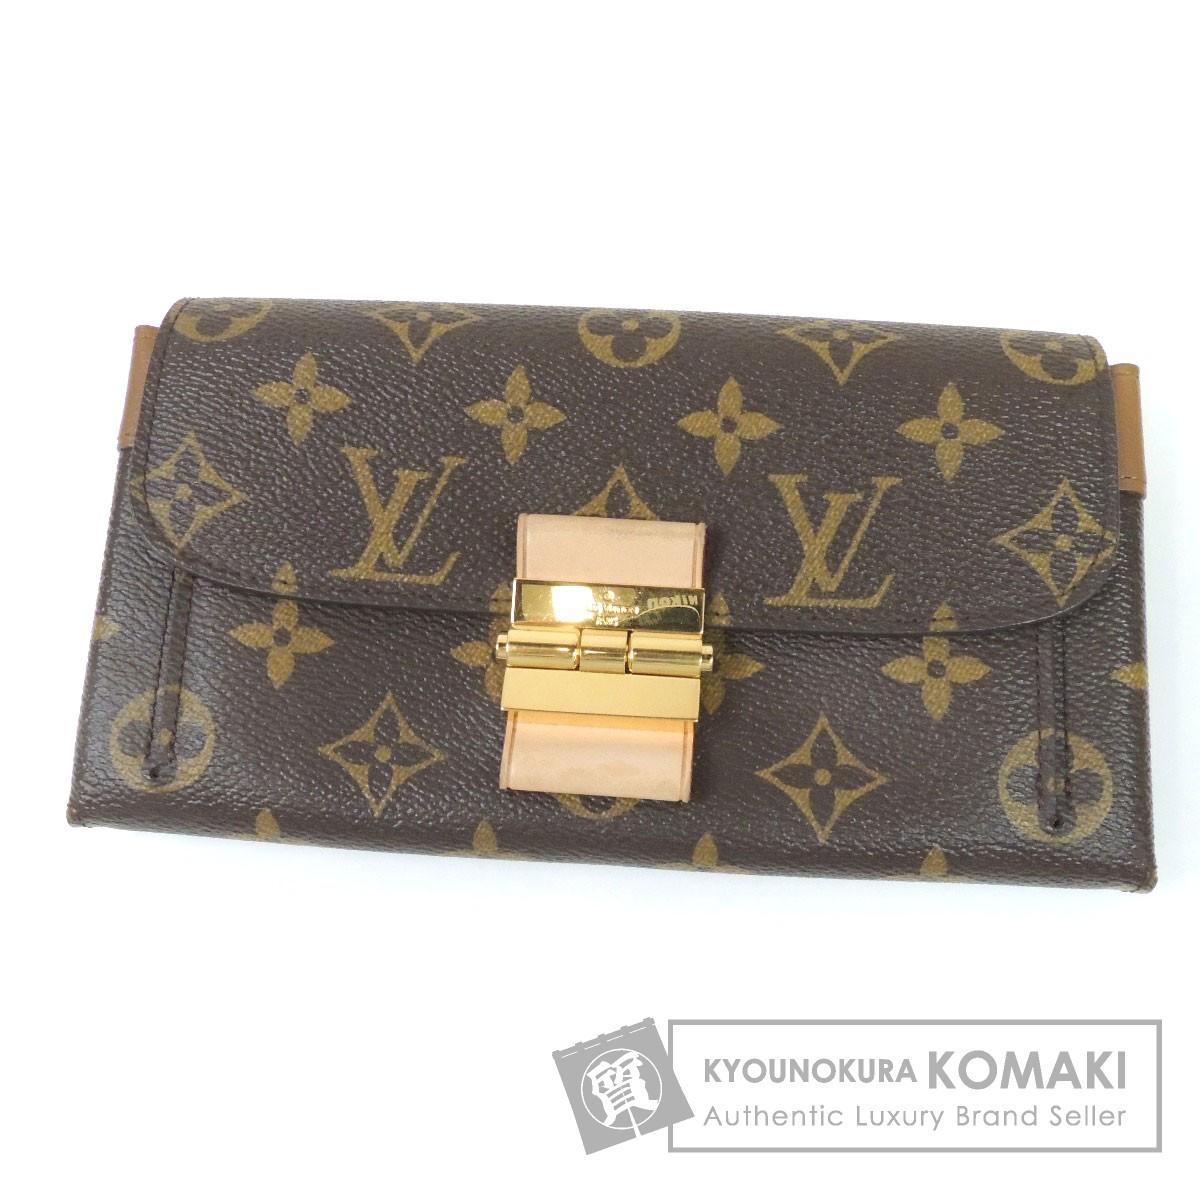 LOUIS VUITTON M60505 エリゼ 長財布(小銭入れあり) モノグラムキャンバス レディース 【中古】【ルイ・ヴィトン】